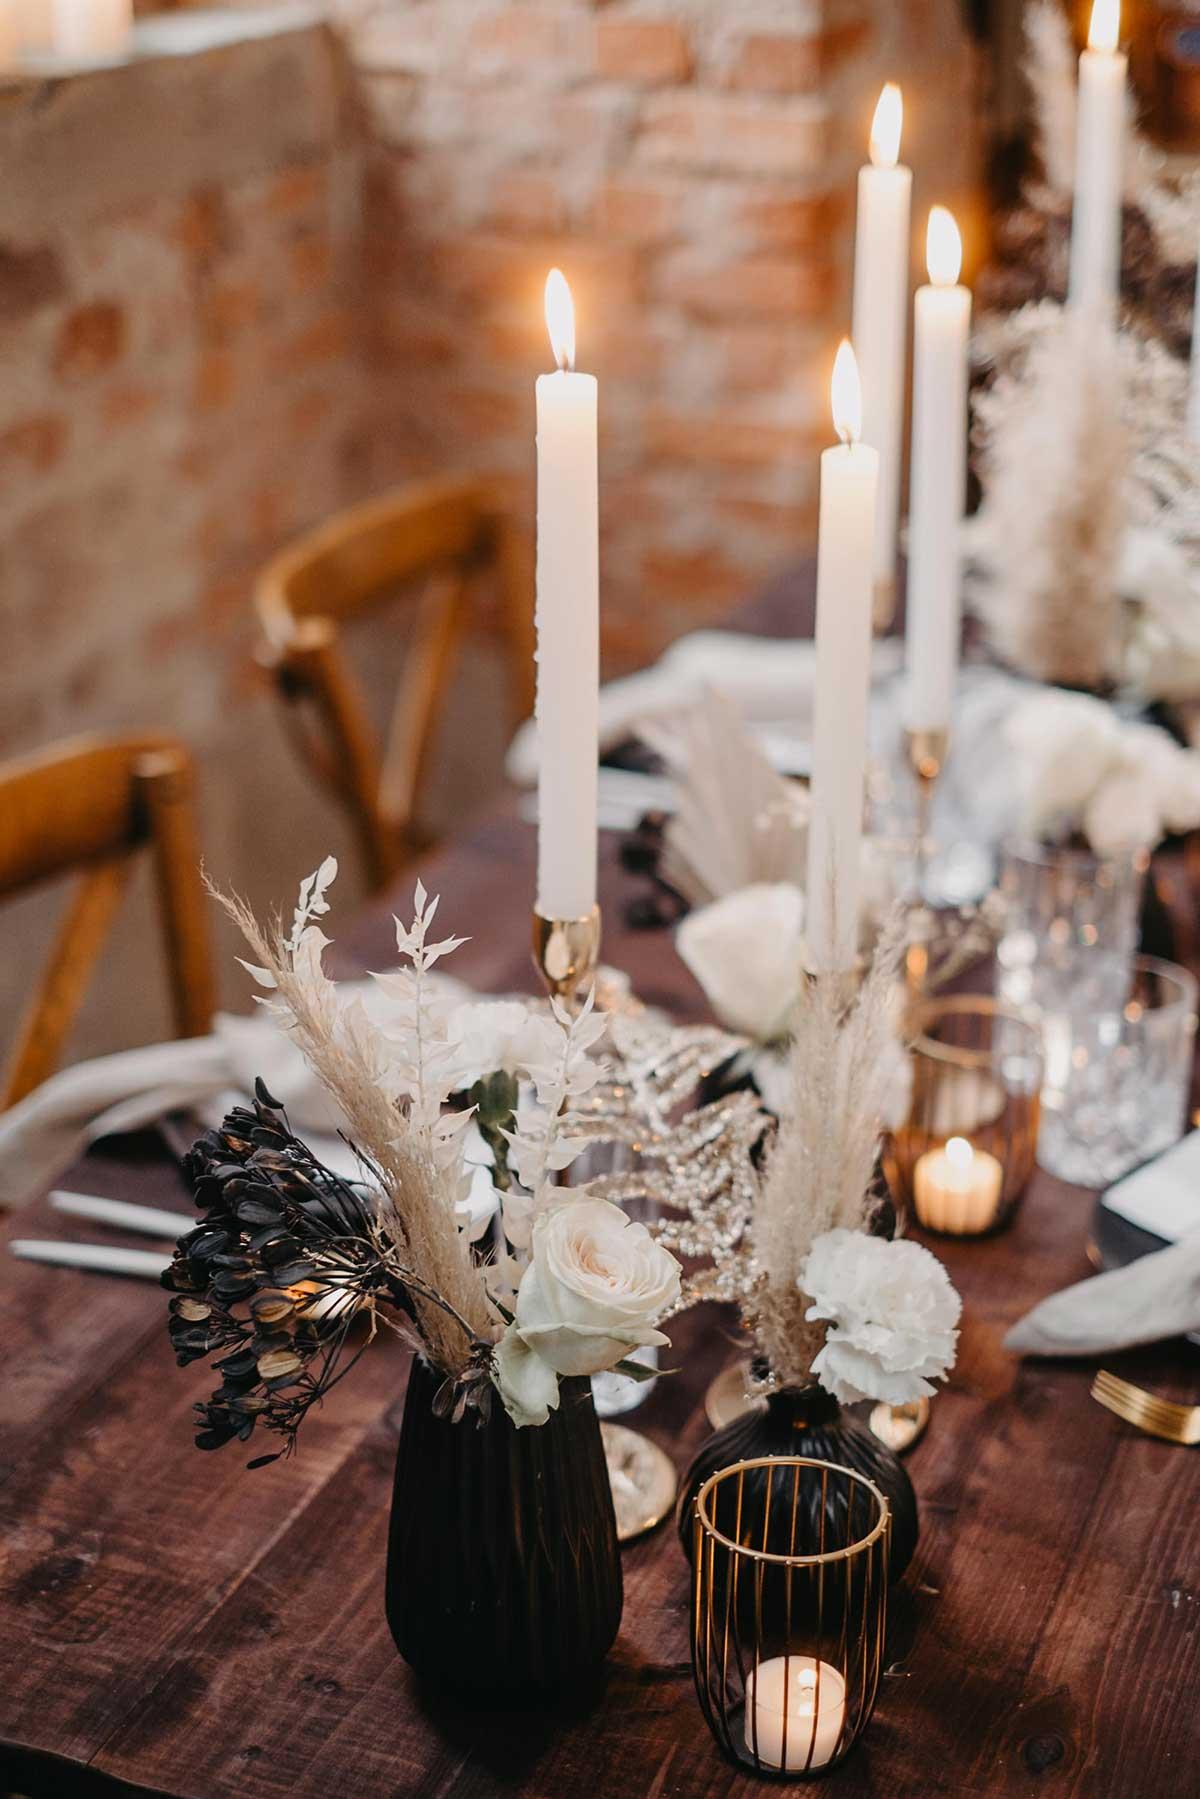 Trockenblumen bei der Tischdeko der Hochzeit